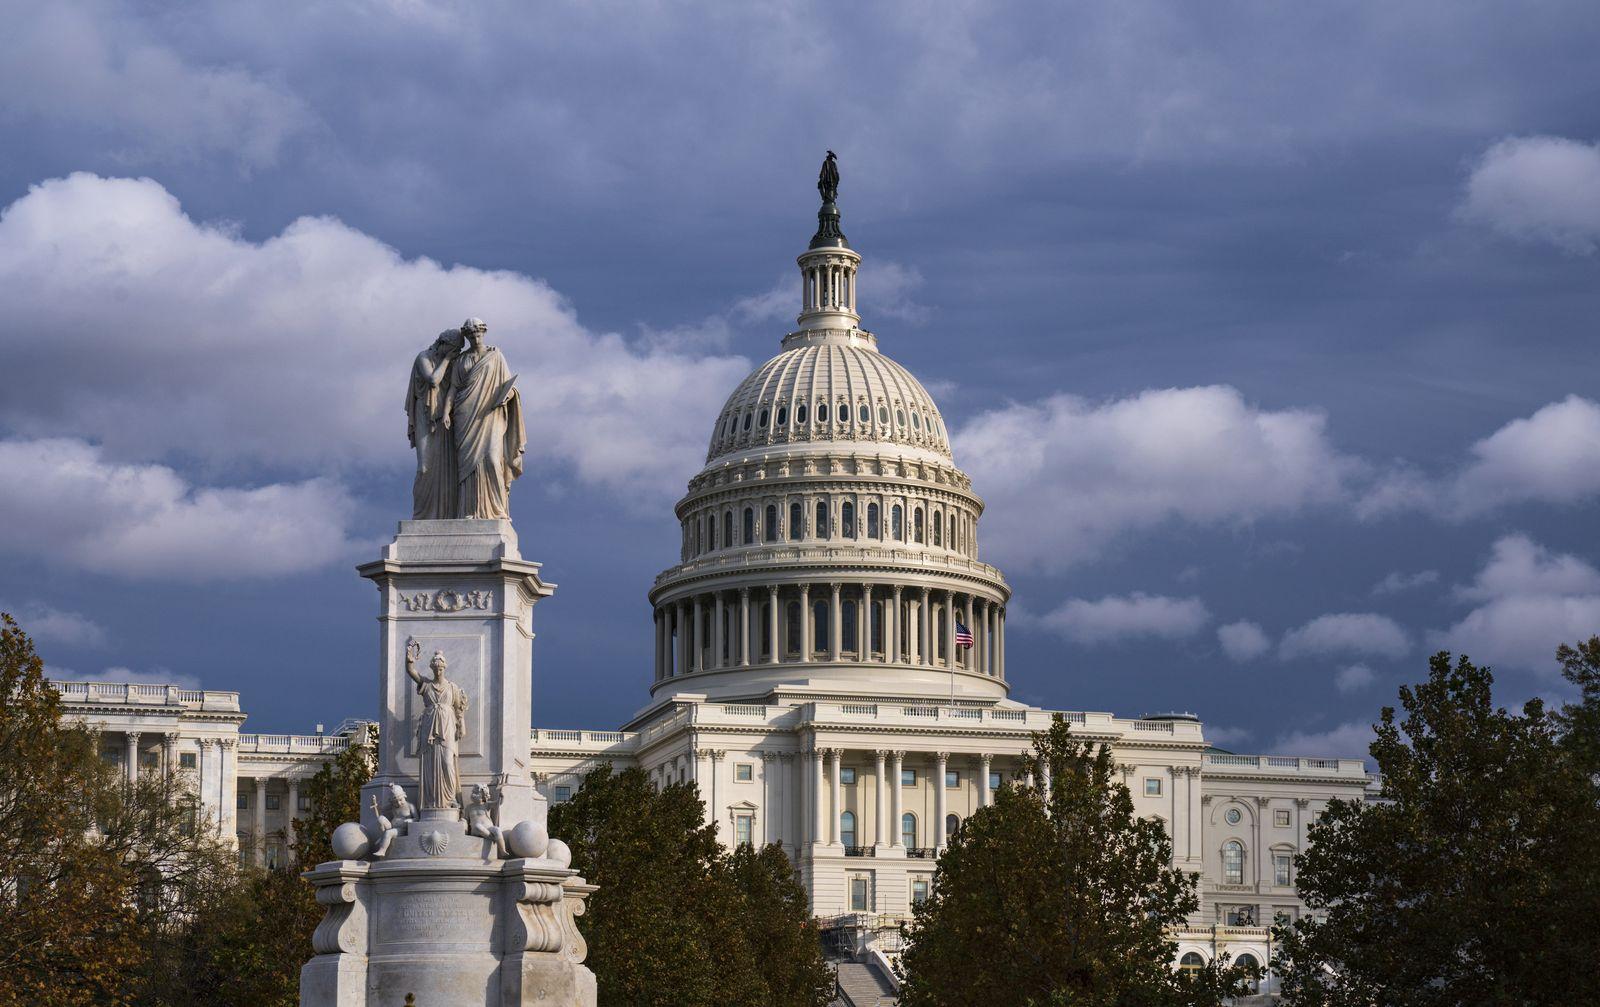 Capitol / Washington